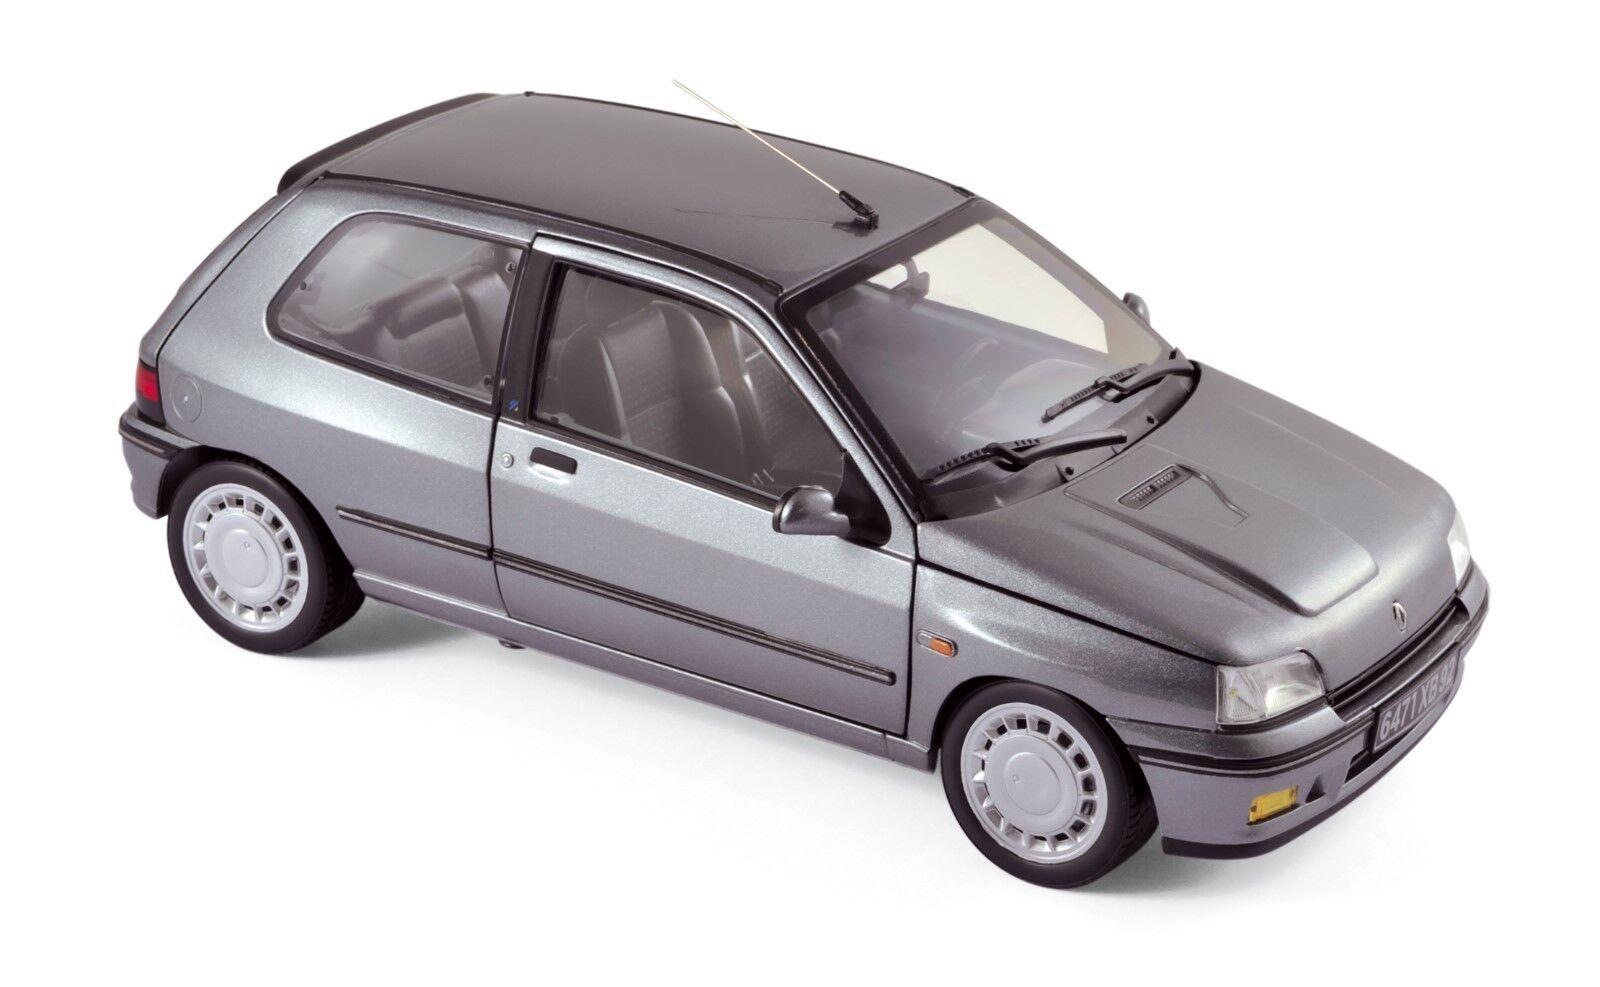 RENAULT CLIO 16 S 1991 1 18 Norev NOUVEAU & NEUF dans sa boîte 185234